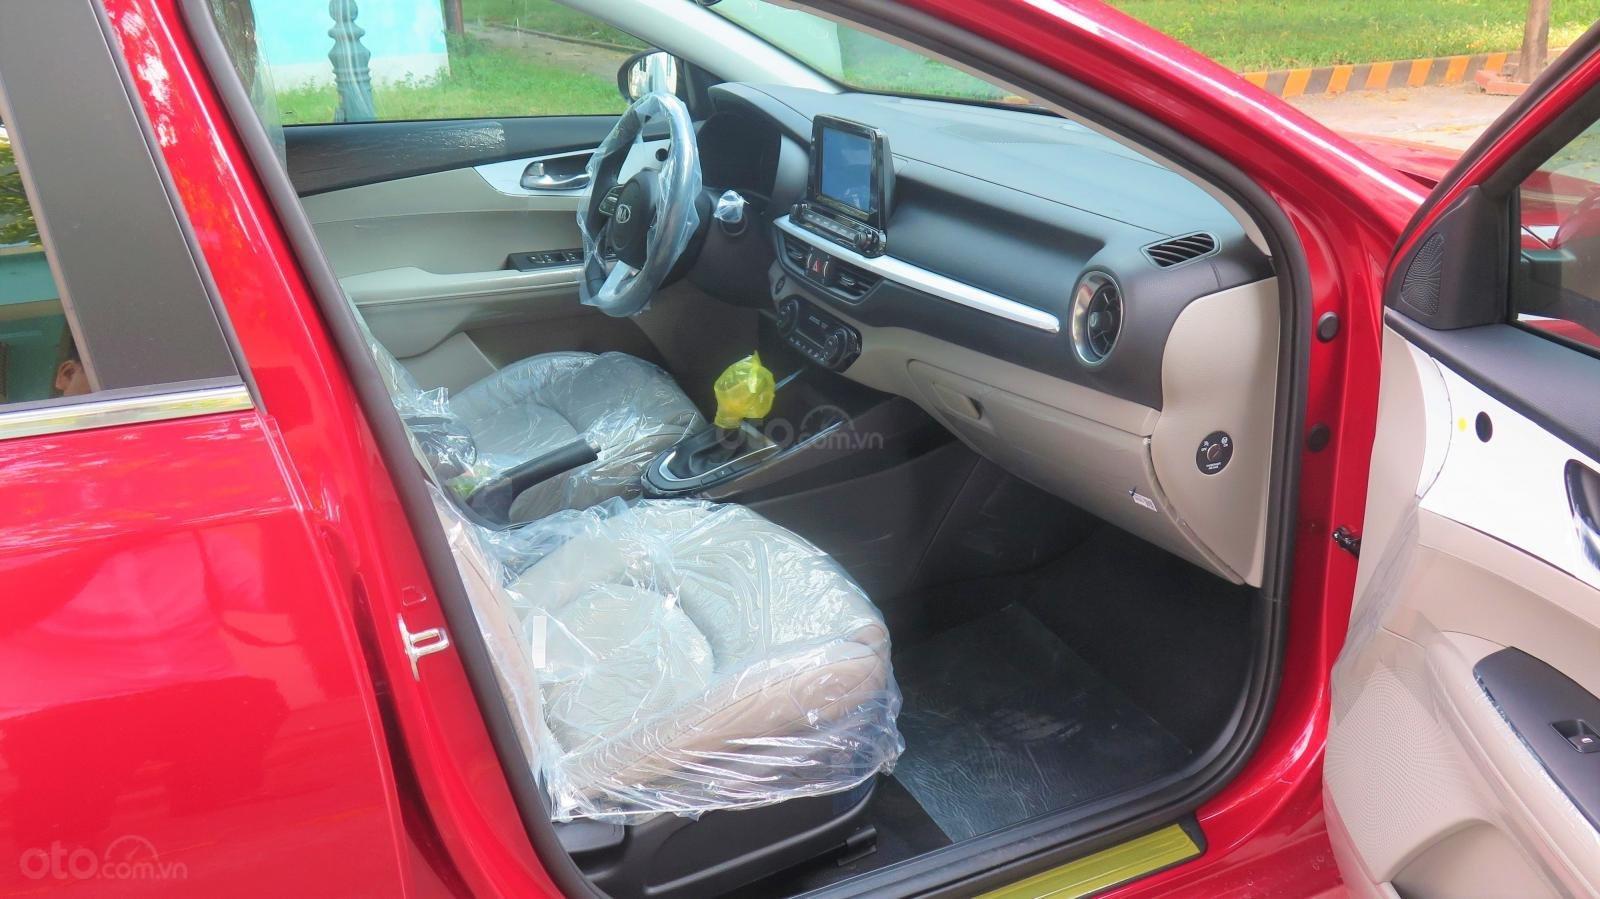 Bán xe Kia Cerato 1.6 AT Luxury SX 2019 màu đỏ giá 635 triệu (15)